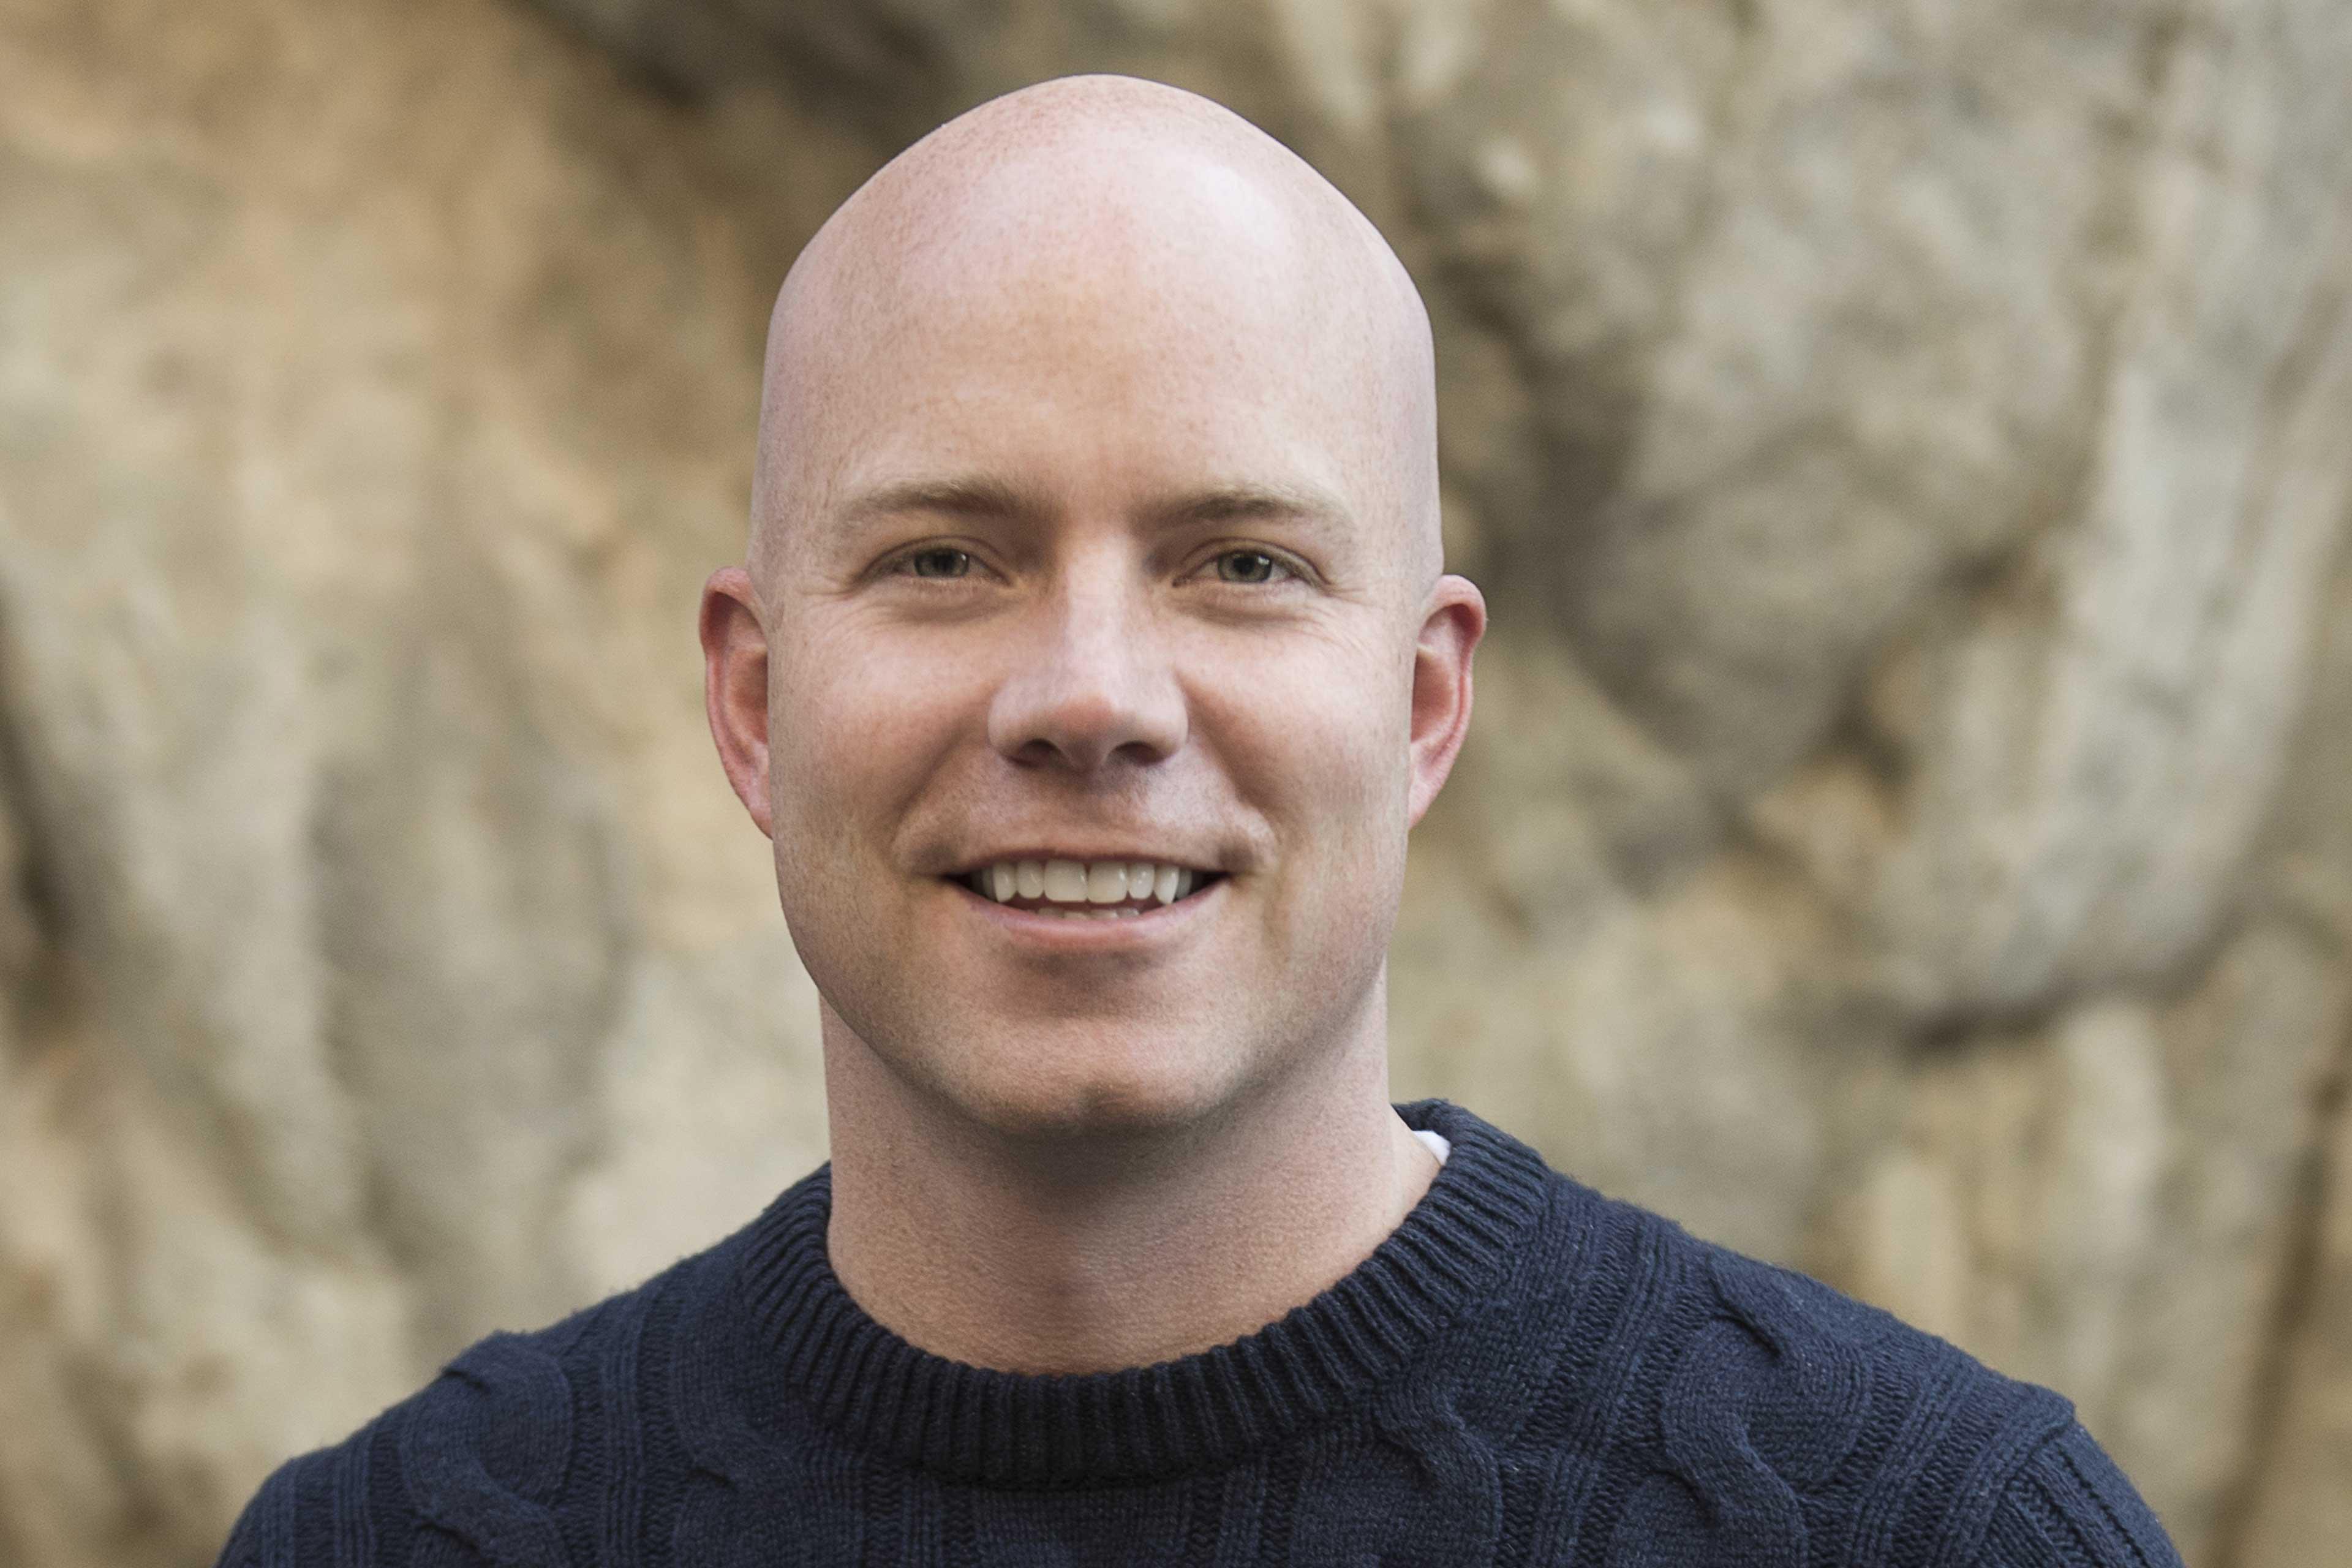 Davis Smith, Founder and CEO, Cotopaxi